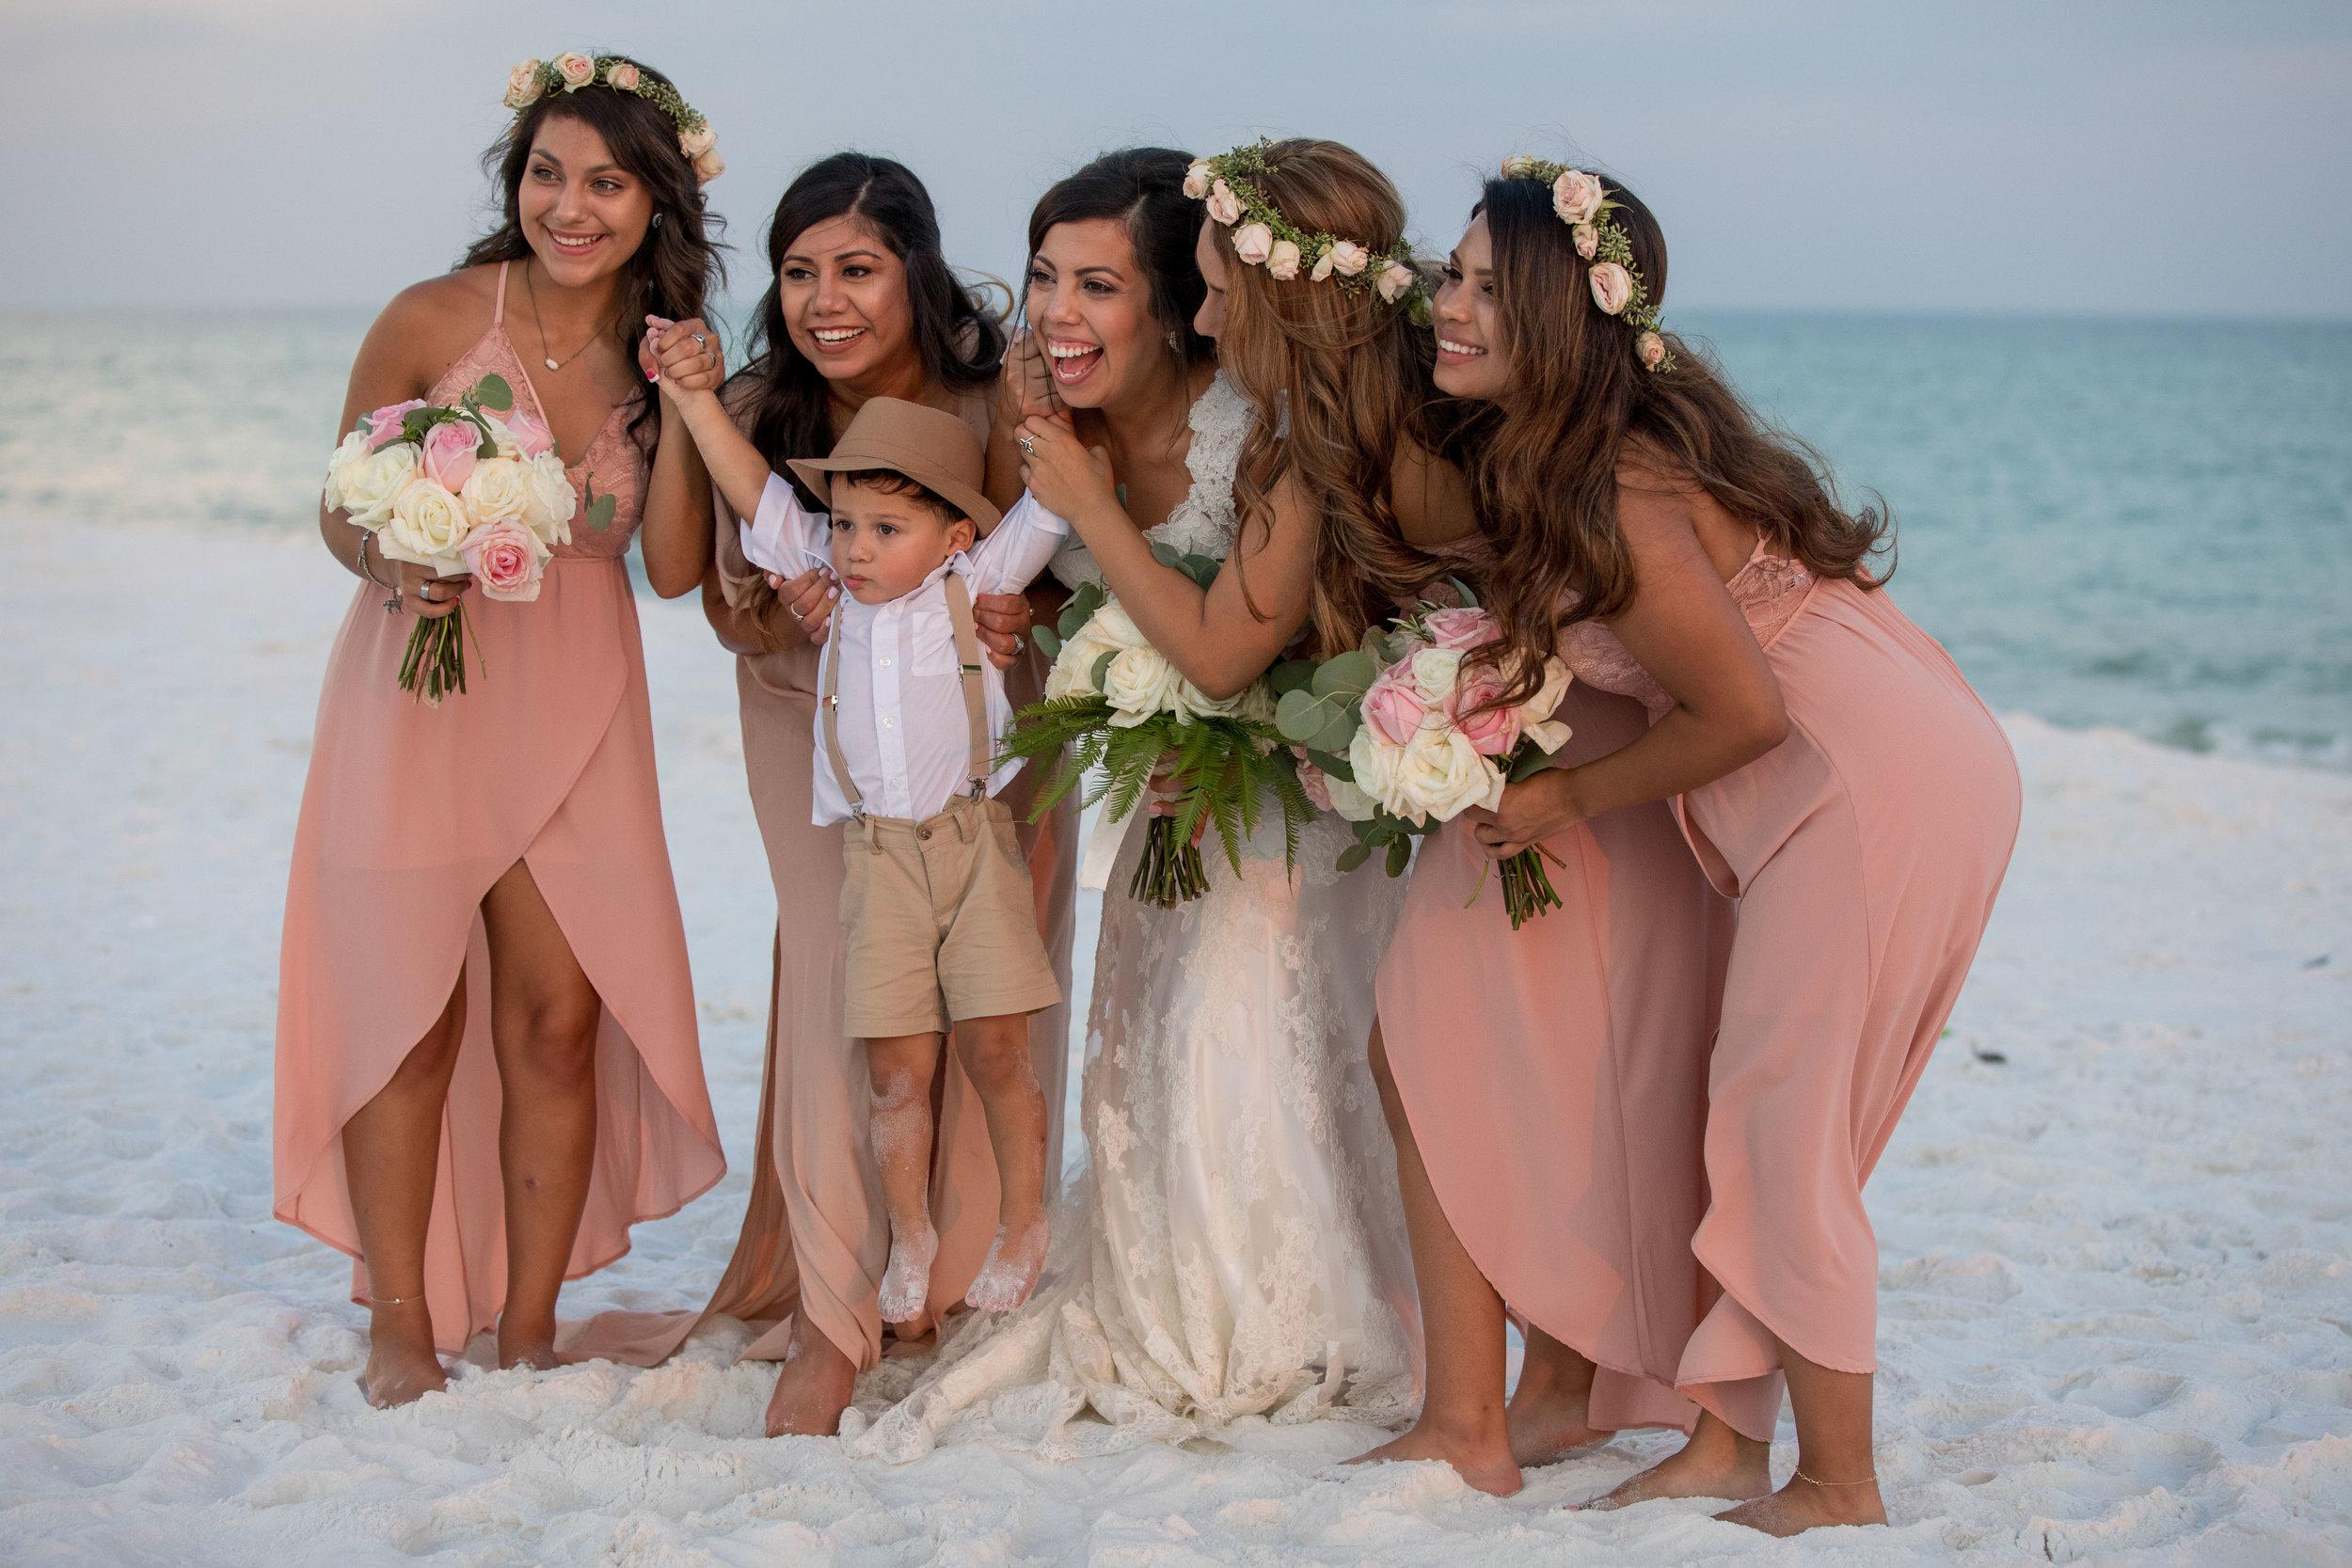 destin beach wedding package picture75_.jpg